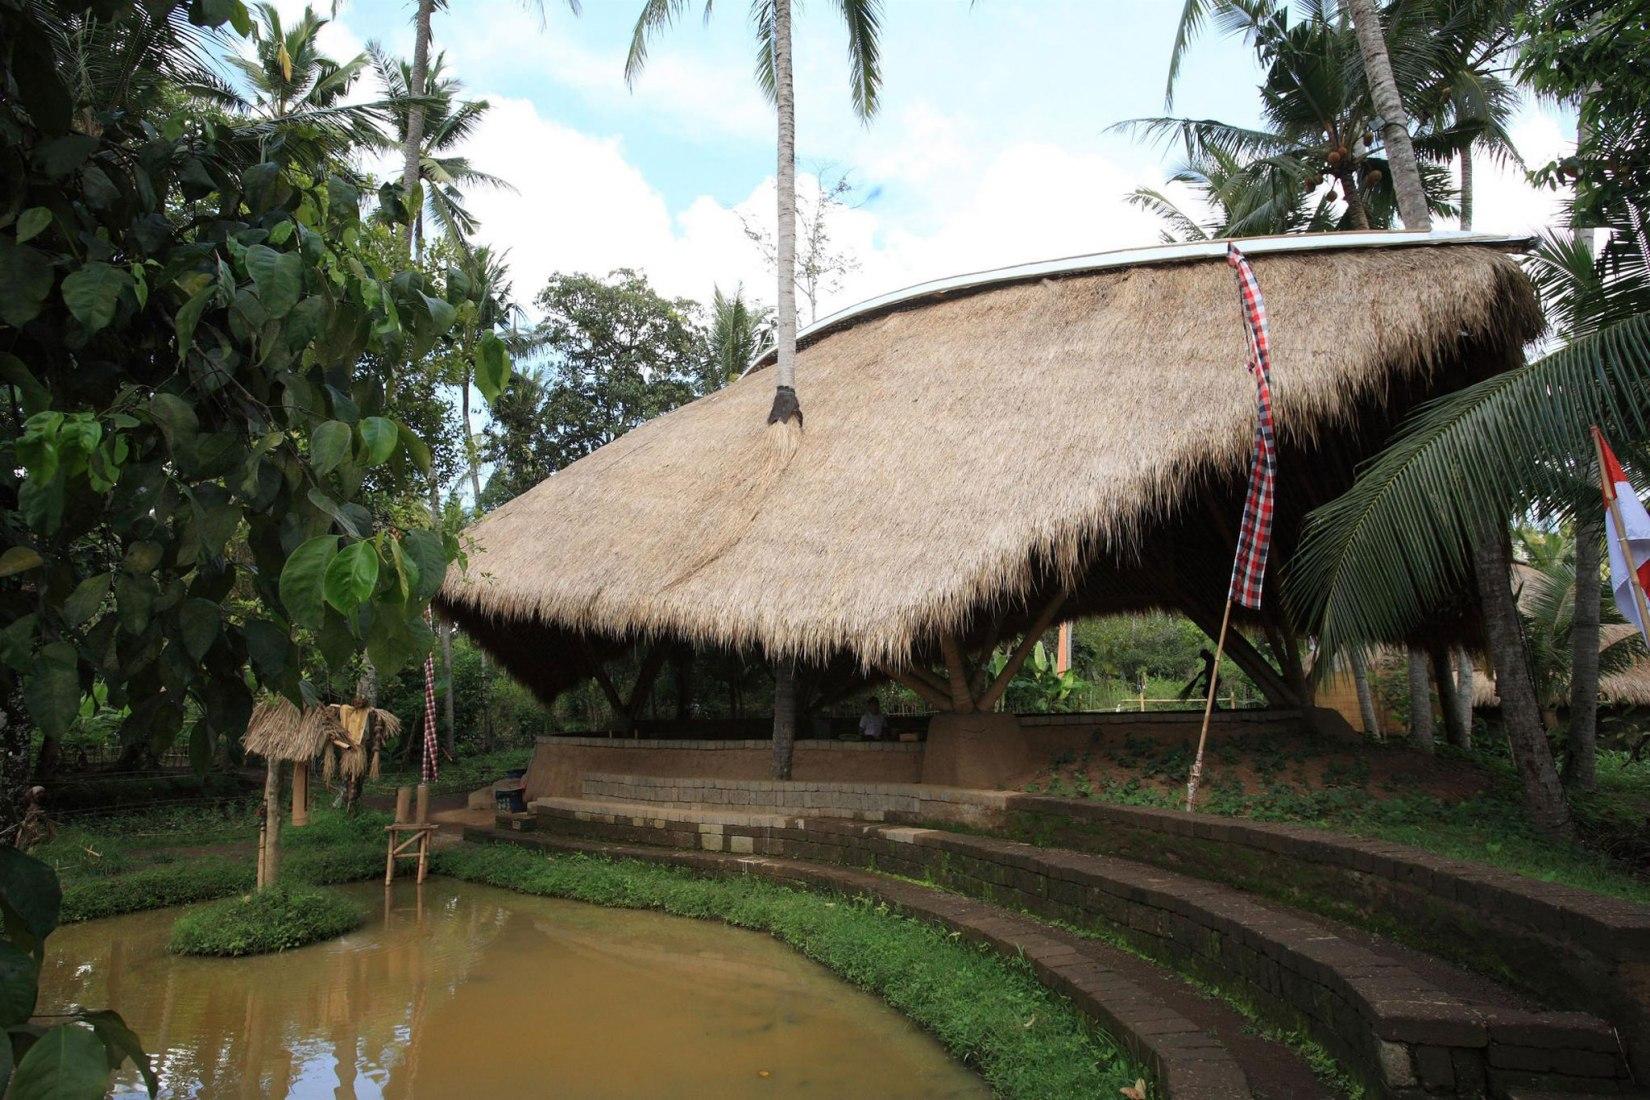 Vista exterior. Fotografía © Courtesy of IBUKU